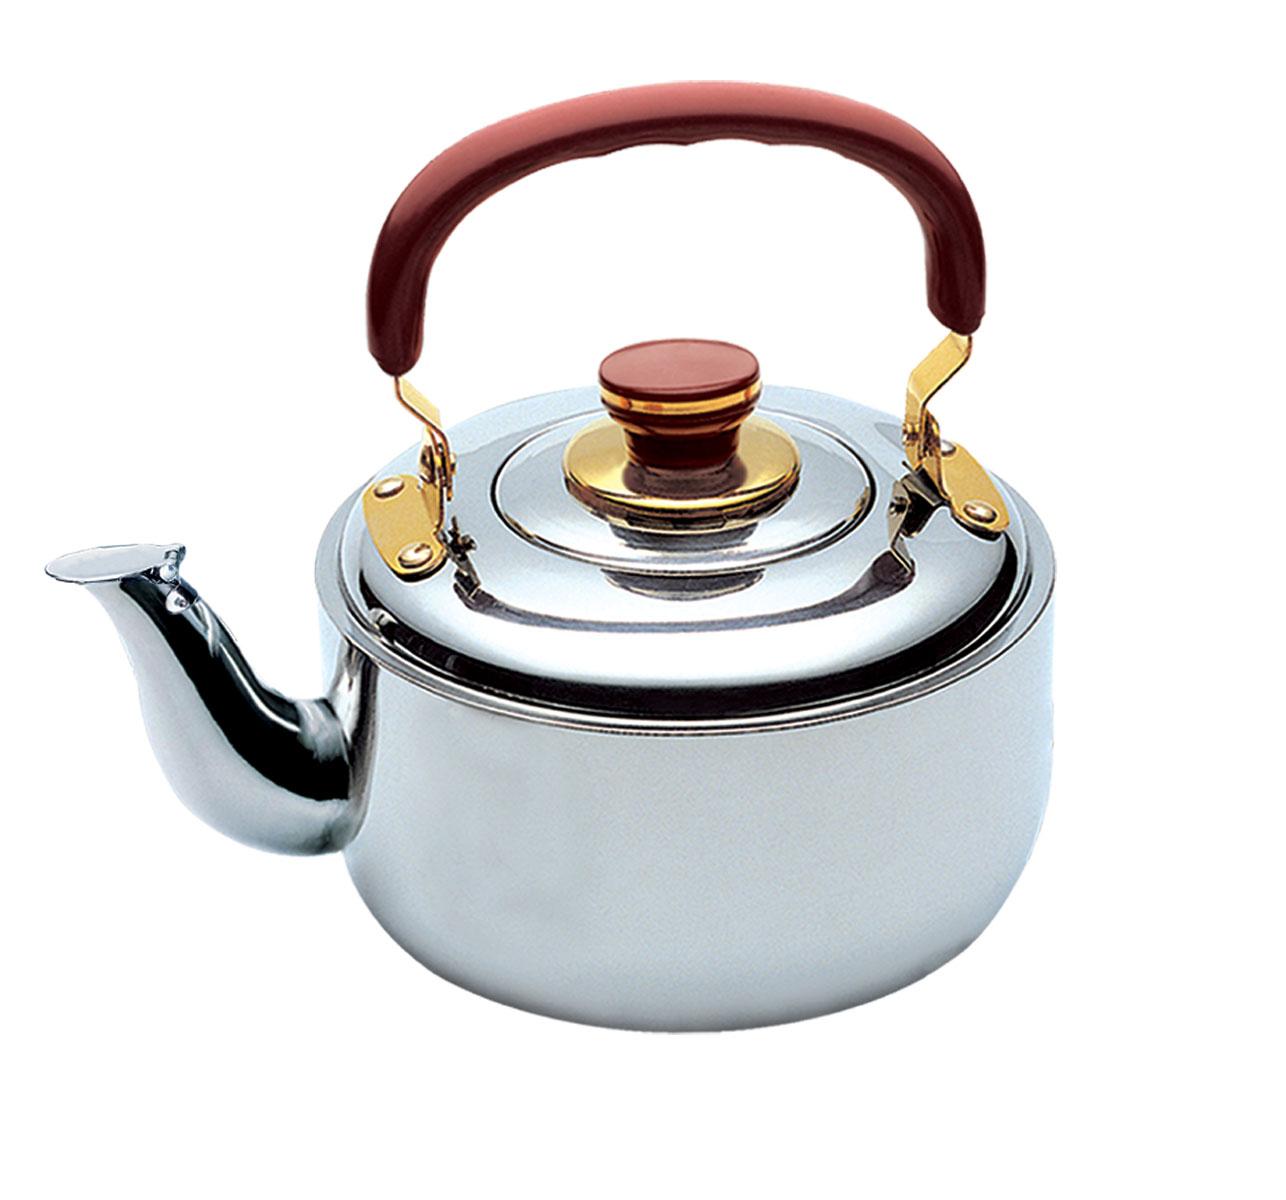 Чайник Bekker Koch со свистком, 4 л. BK-S364BK-S364Чайник Bekker Koch изготовлен из высококачественной нержавеющей стали с зеркальной полировкой. Цельнометаллическое дно распределяет тепло по всей поверхности, что позволяет чайнику быстро закипать. Эргономичная подвижная ручка выполнена из бакелита бордового цвета. Носик оснащен откидным свистком, который подскажет, когда вода закипела. Широкое отверстие по верхнему краю позволяет удобно наливать воду. Подходит для всех типов плит, включая индукционные. Можно мыть в посудомоечной машине.